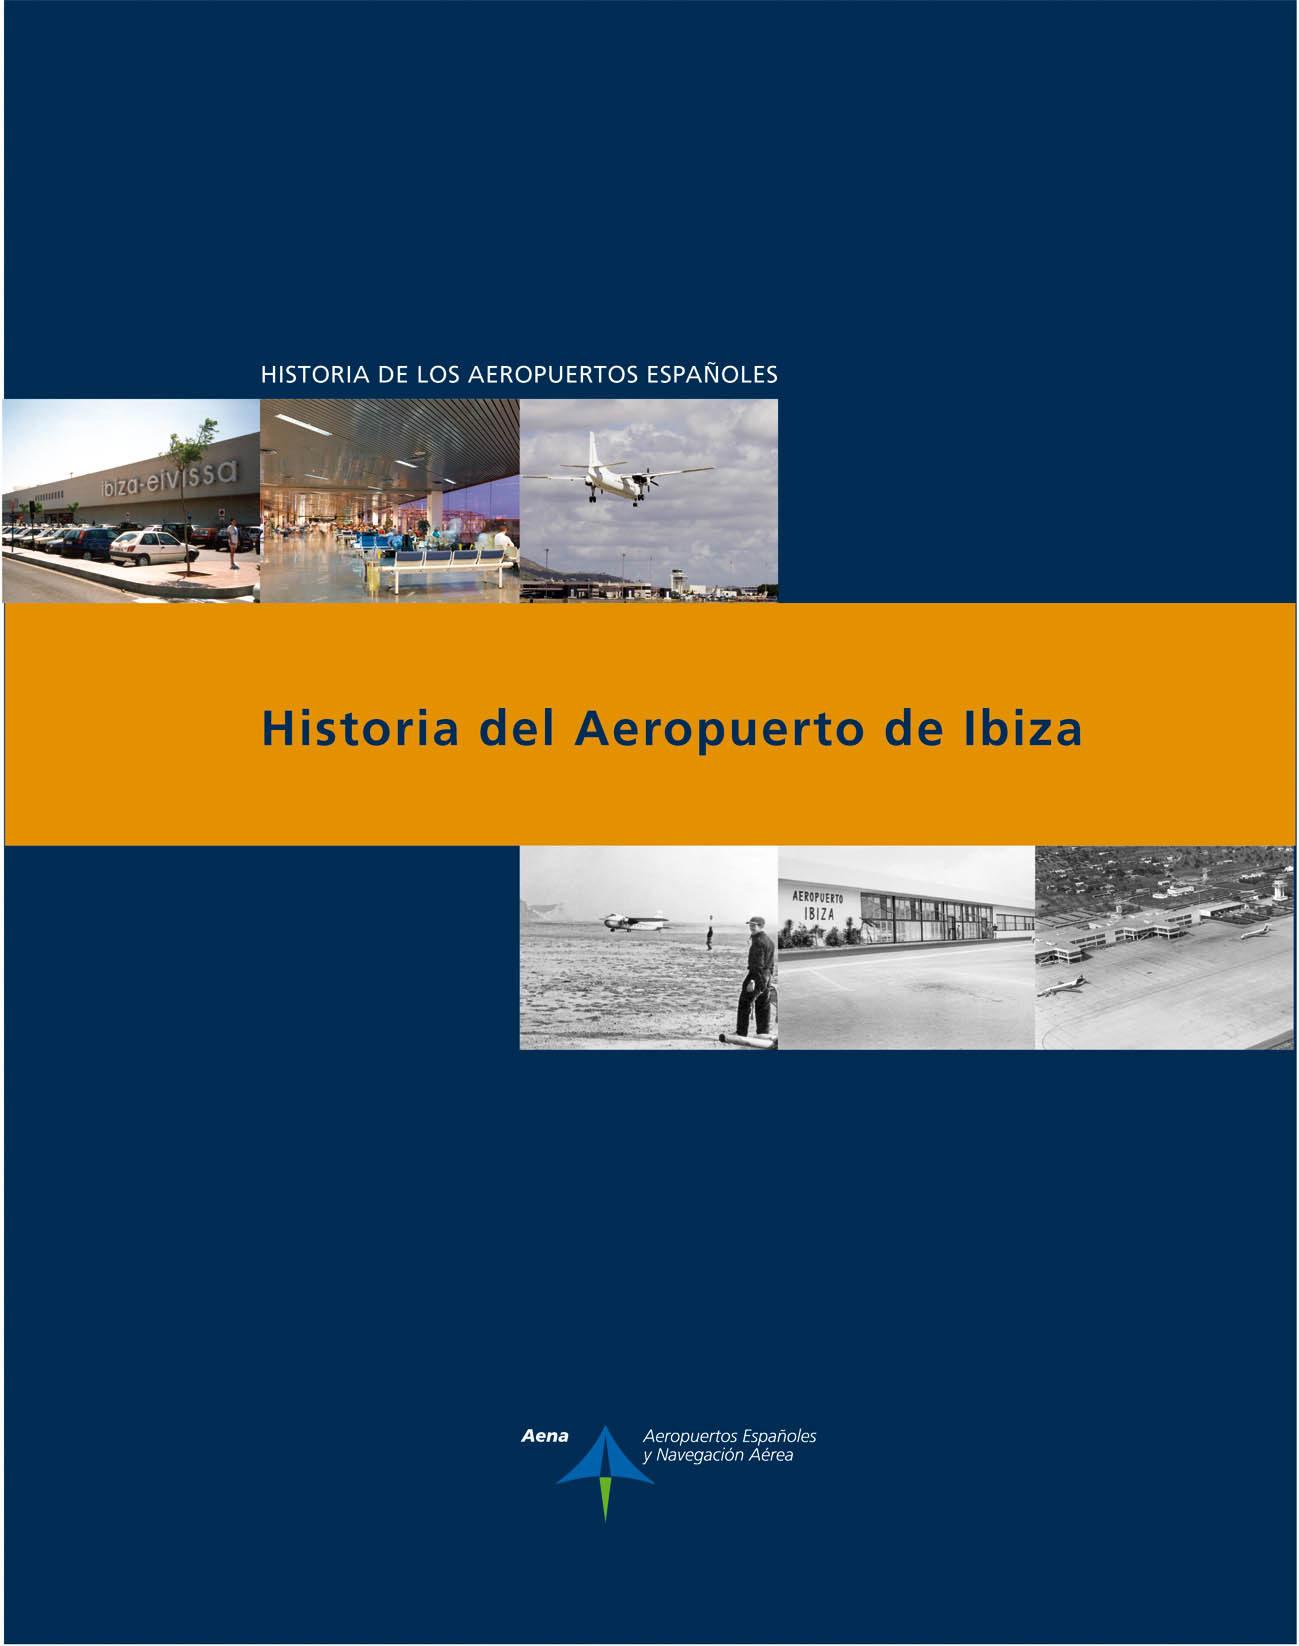 Historia Del Aeropuerto De Ibiza - Utrilla Navarro Luis